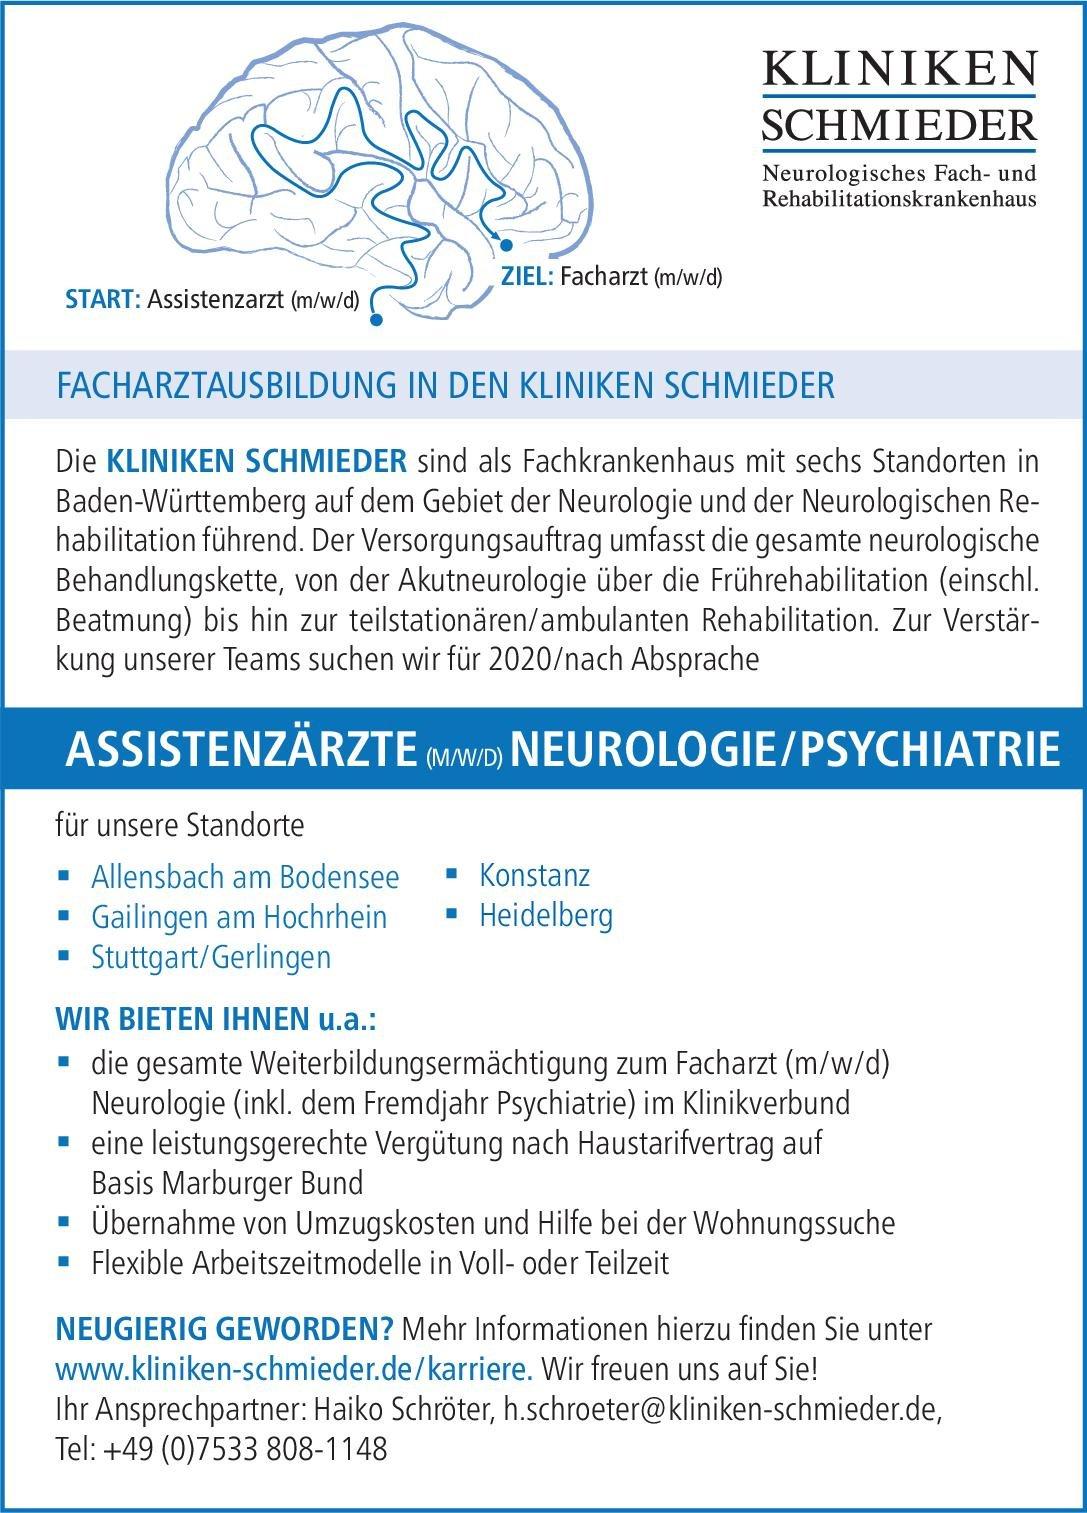 Kliniken Schmieder Assistenzärzte (m/w/d) Neurologie/Psychiatrie  Psychiatrie und Psychotherapie, Neurologie, Psychiatrie und Psychotherapie Assistenzarzt / Arzt in Weiterbildung